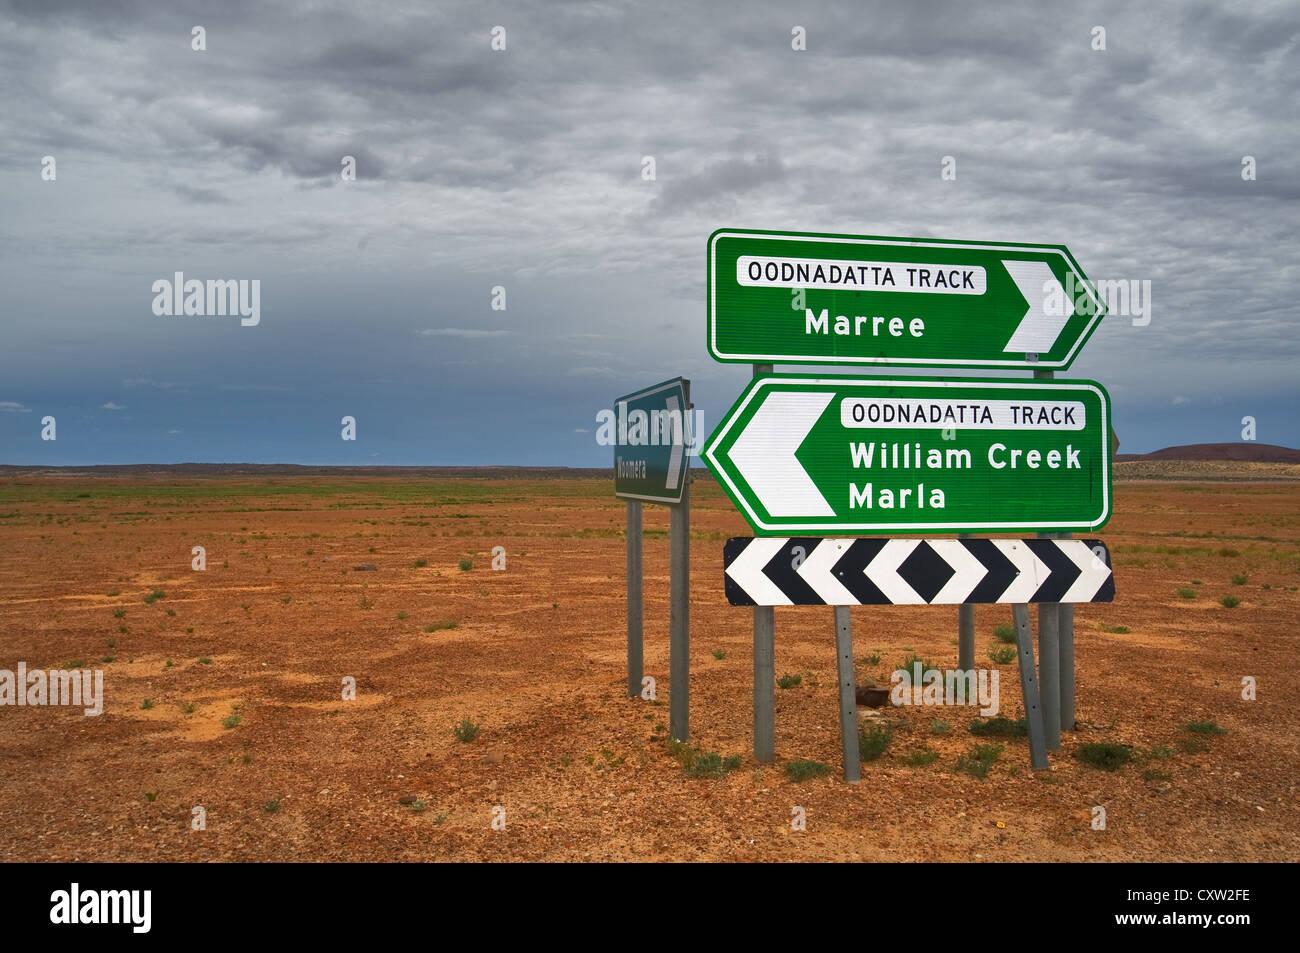 Panneau routier à la célèbre piste Oodnadatta en désert de l'Australie du Sud. Photo Stock